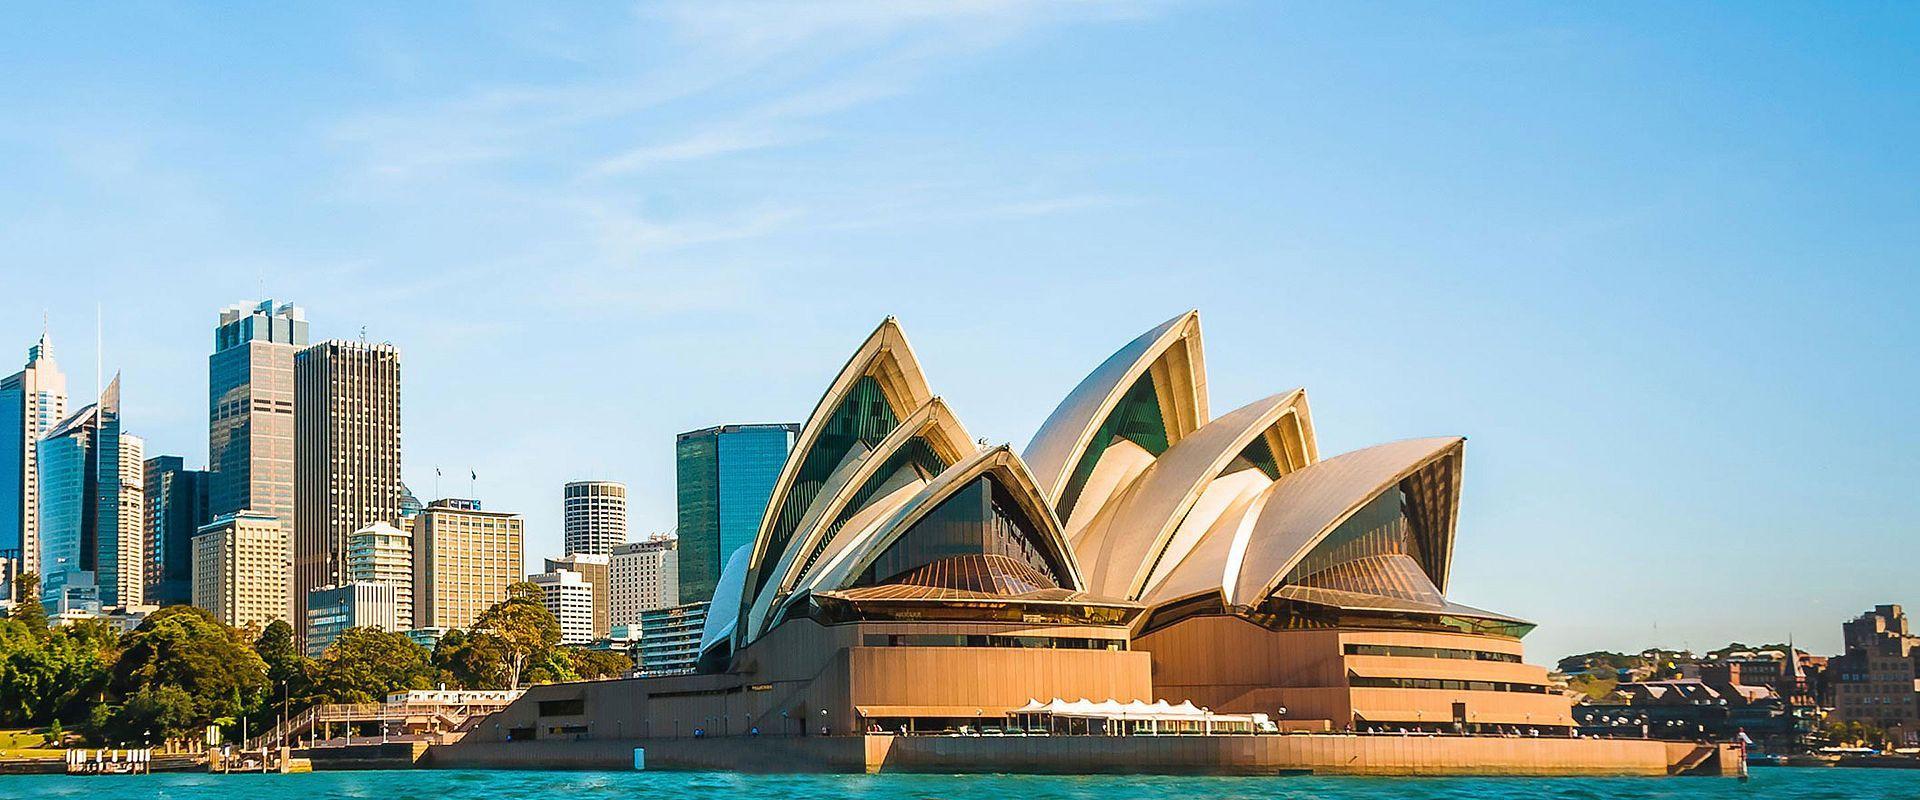 香港発シドニー着 アジア・オーストラリアクルーズ 17泊18日